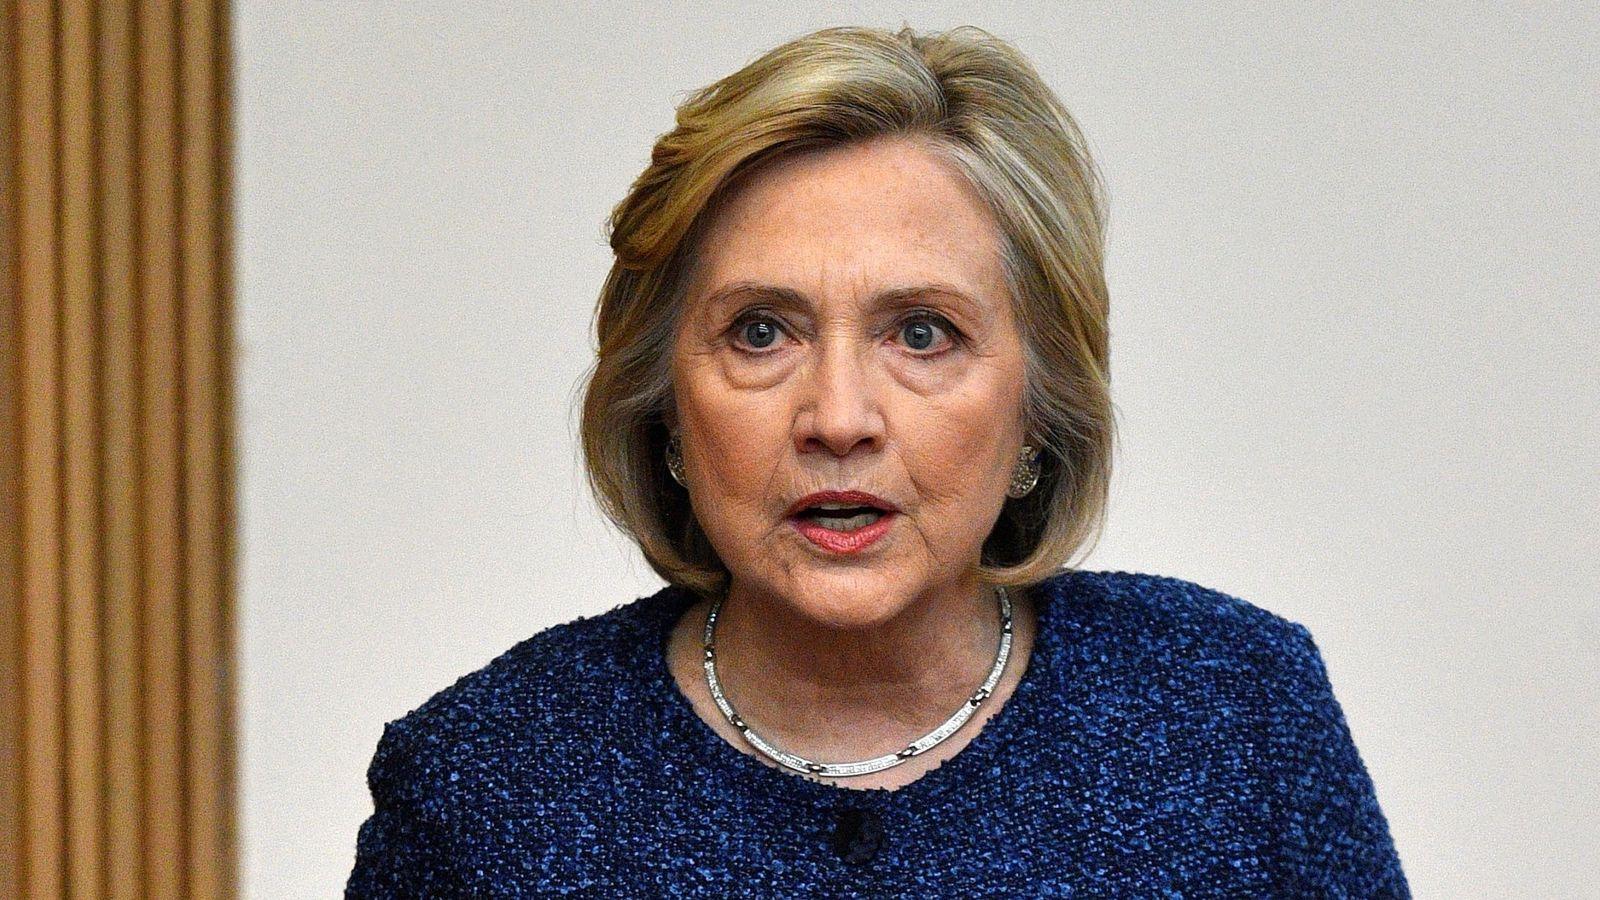 Foto: Hillary Clinton, en una imagen de archivo. (EFE)